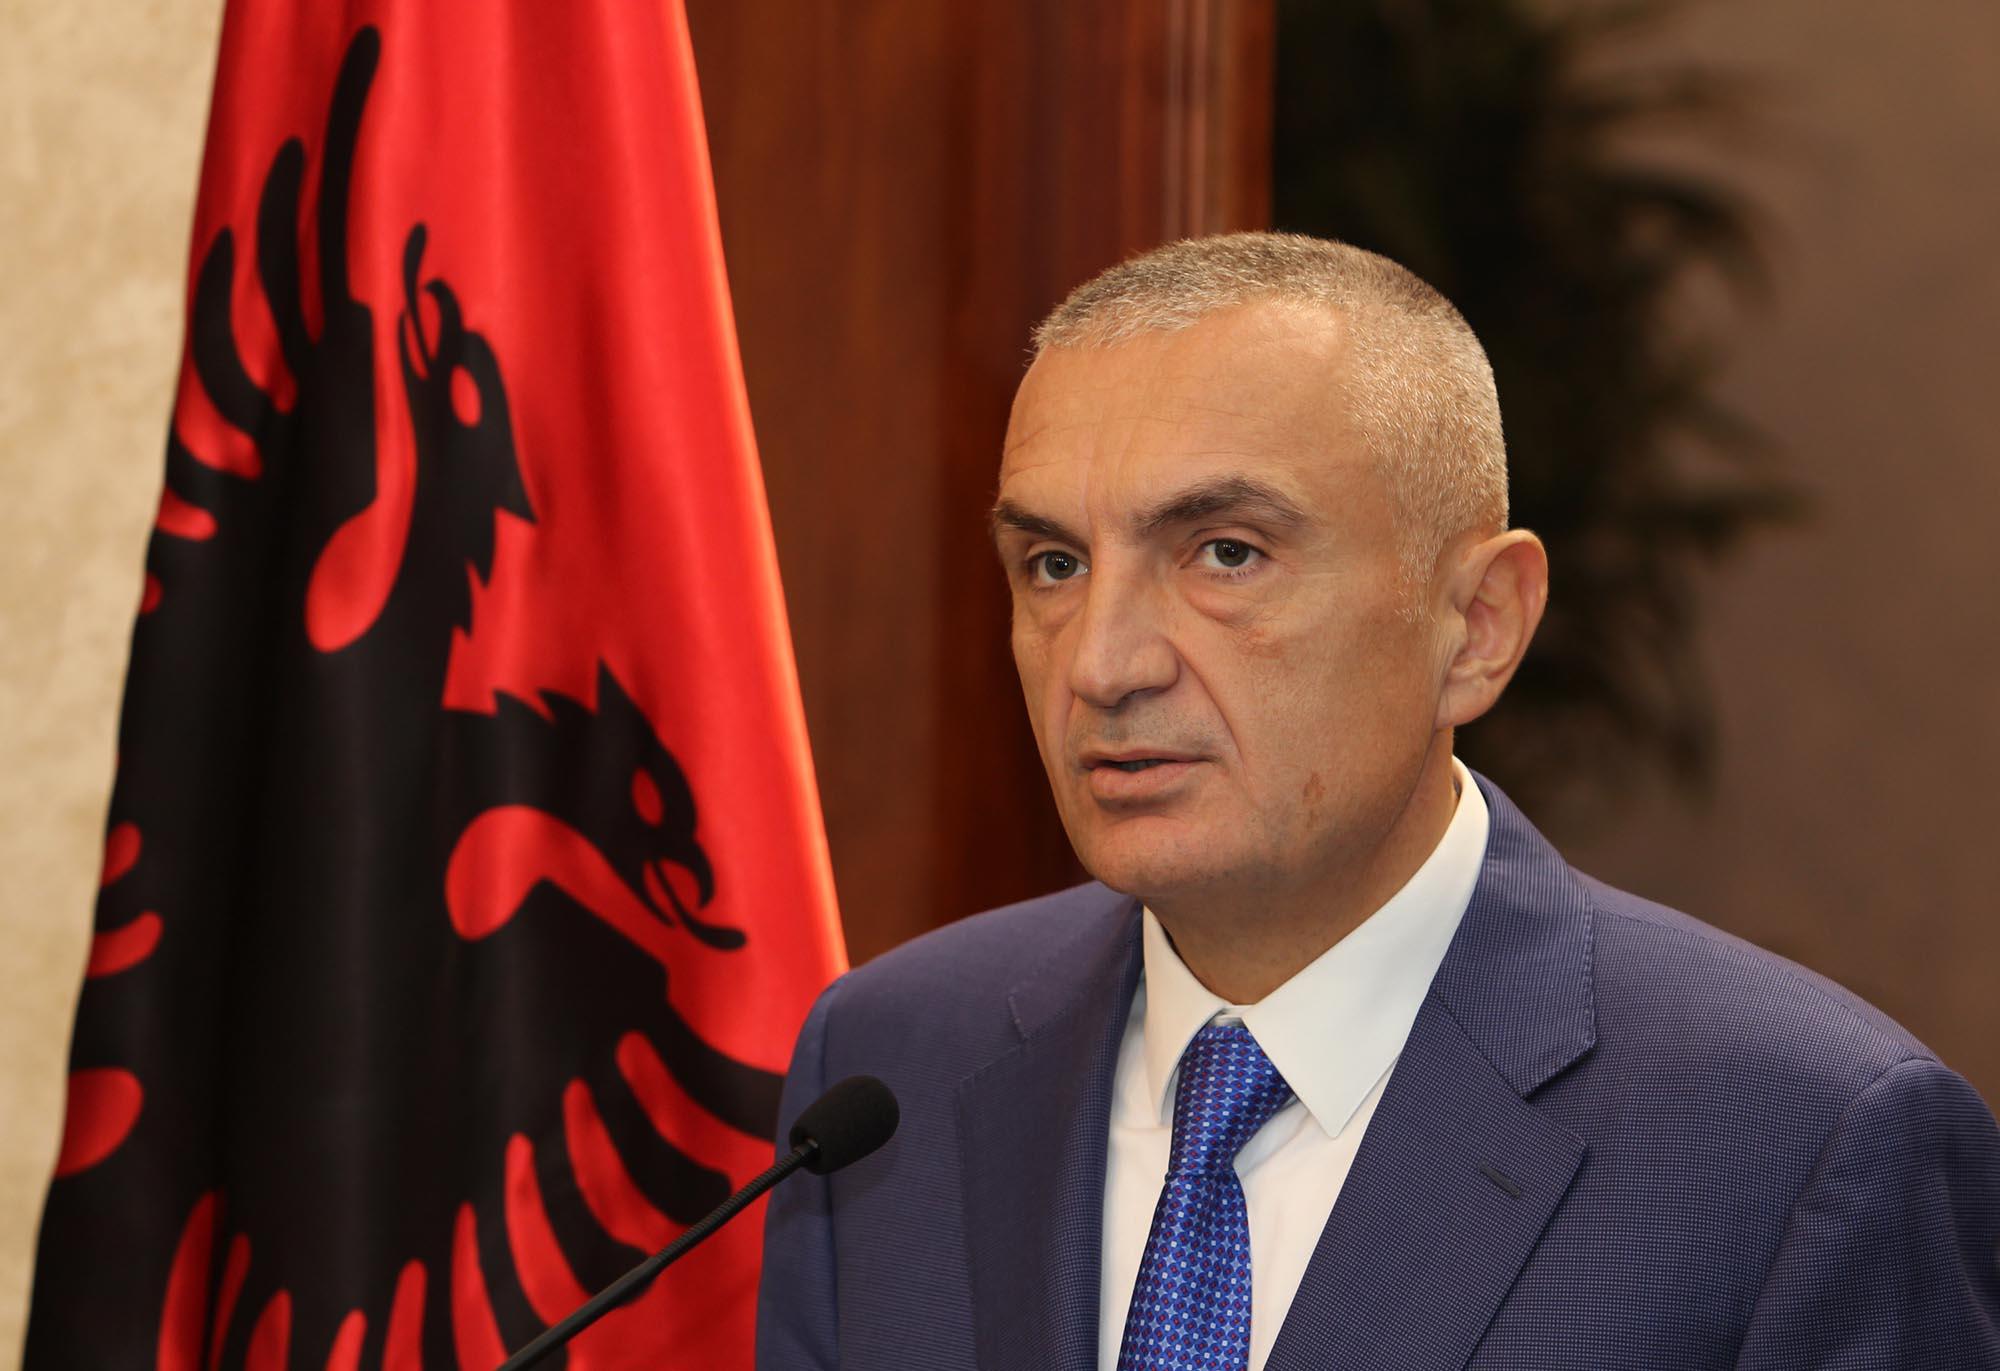 Presidenti Meta: Kosova dha shembullin e shkëlqyer të solidaritetit dhe vëllazërisë